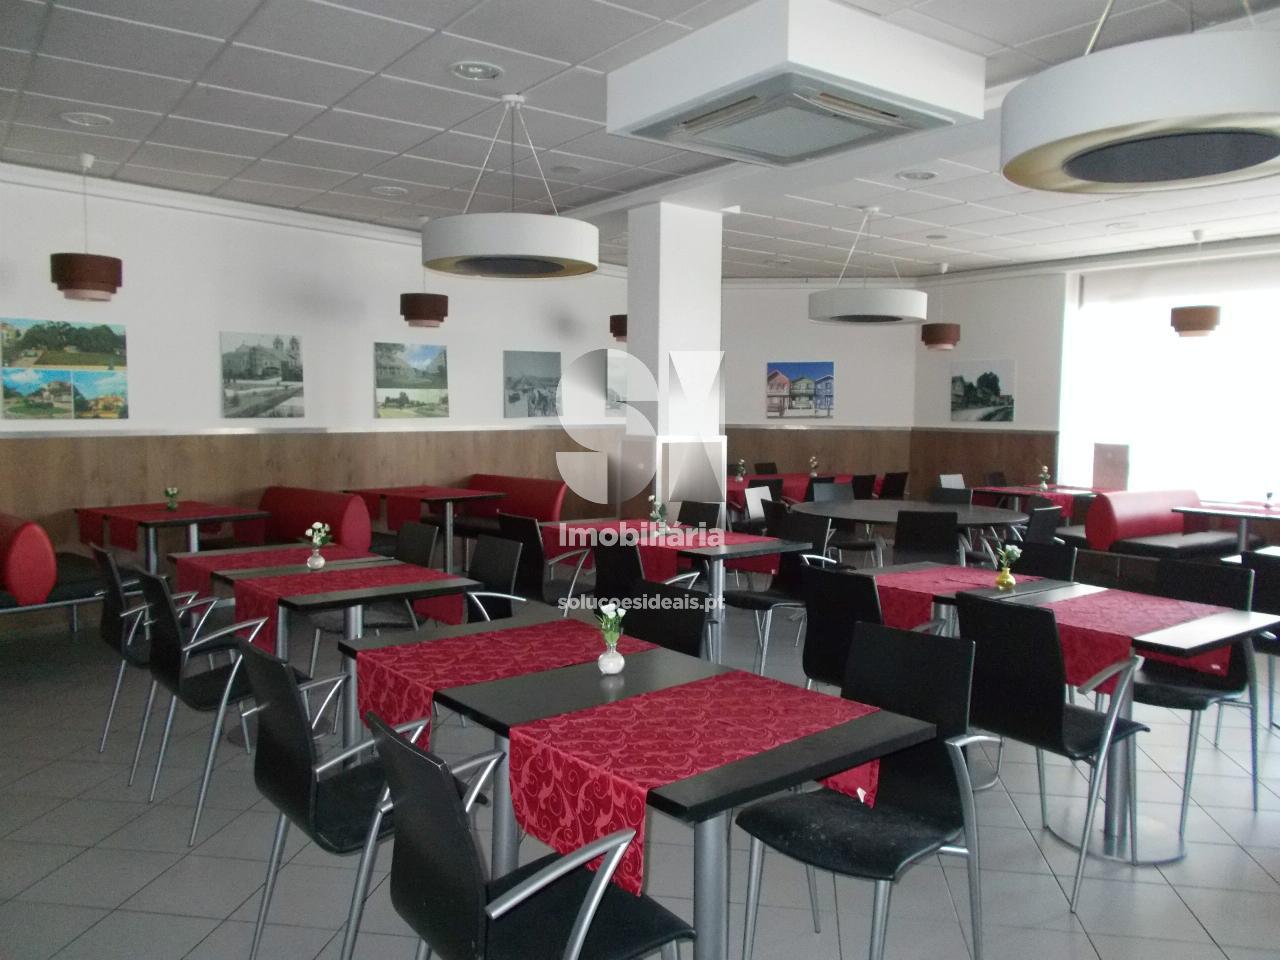 restaurante para trespasse em ilhavo ilhavo sao salvador aveiro AVGCL1602